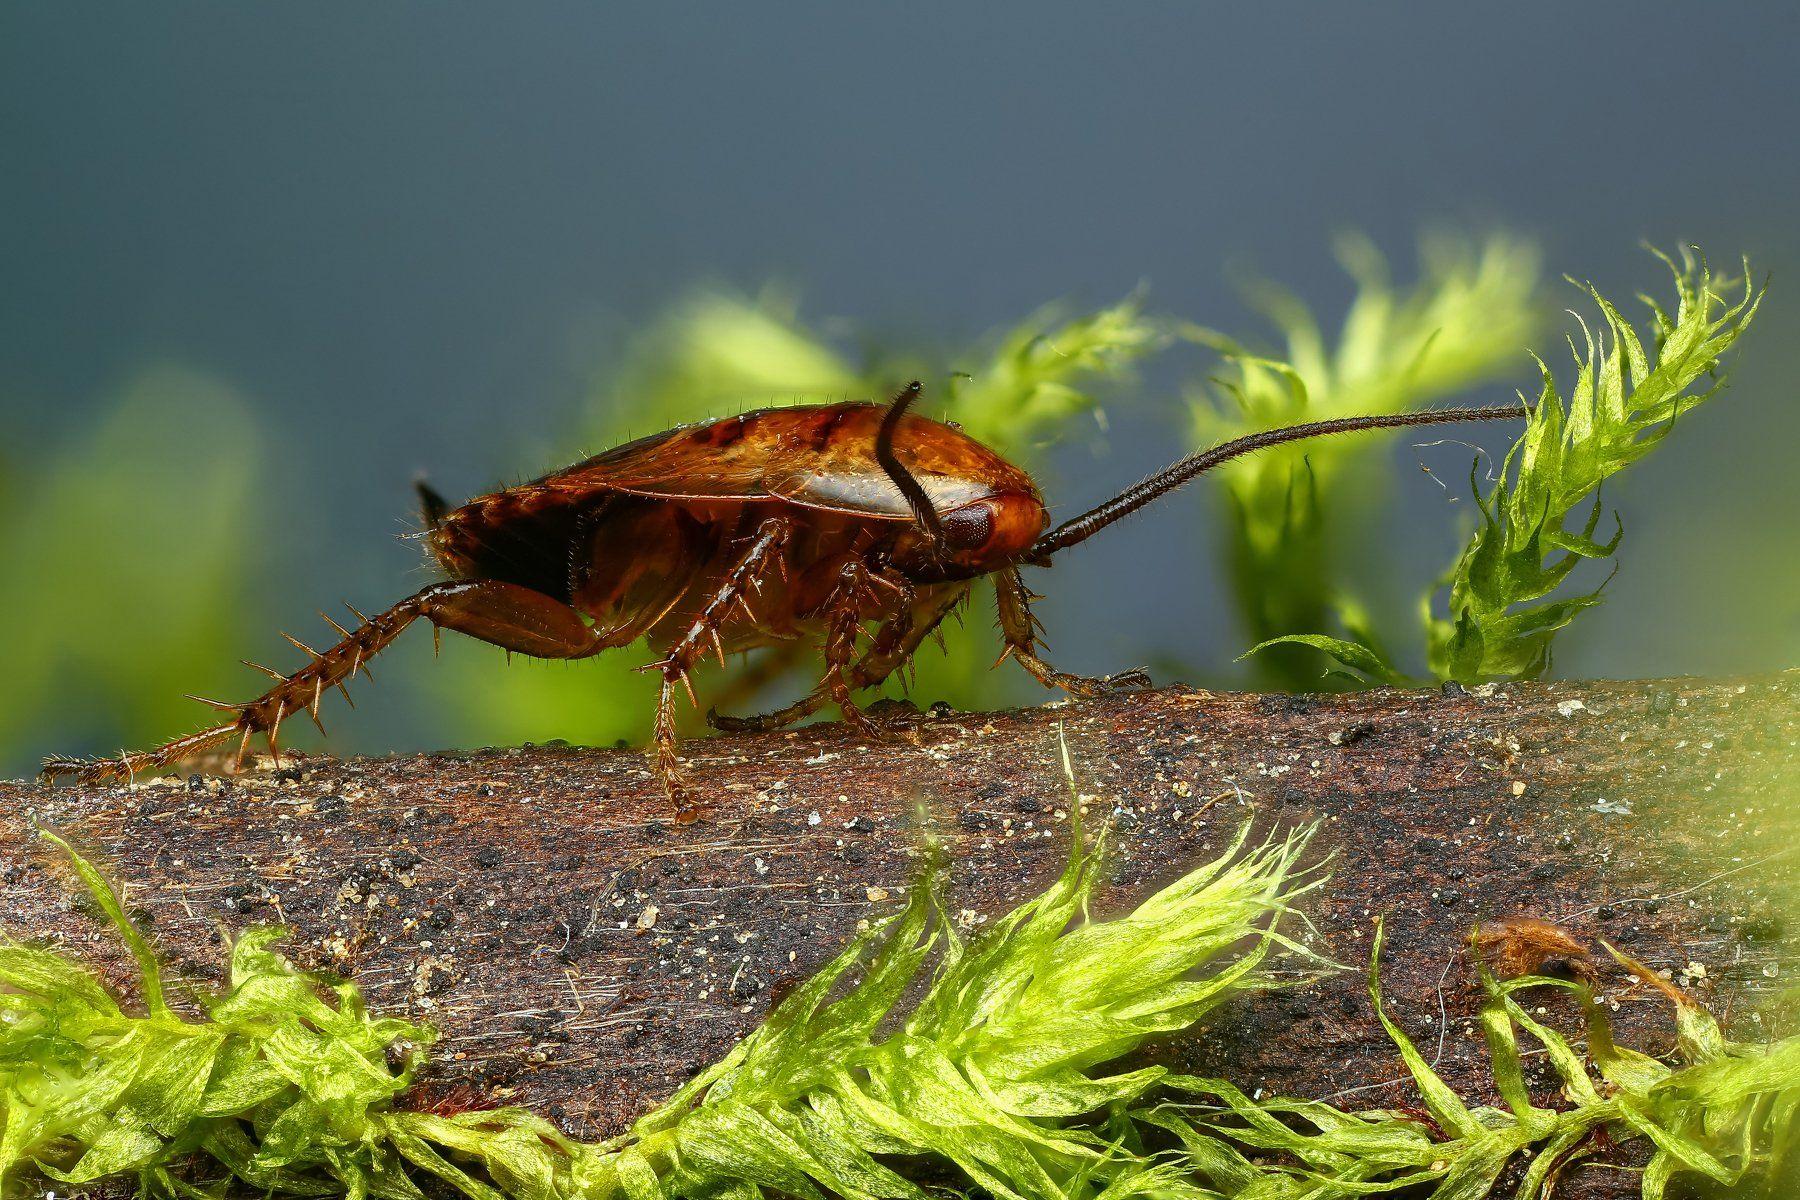 таракан,макро,природа,растение,цвет,синий,зеленый,животное, Шаповалов Андрей